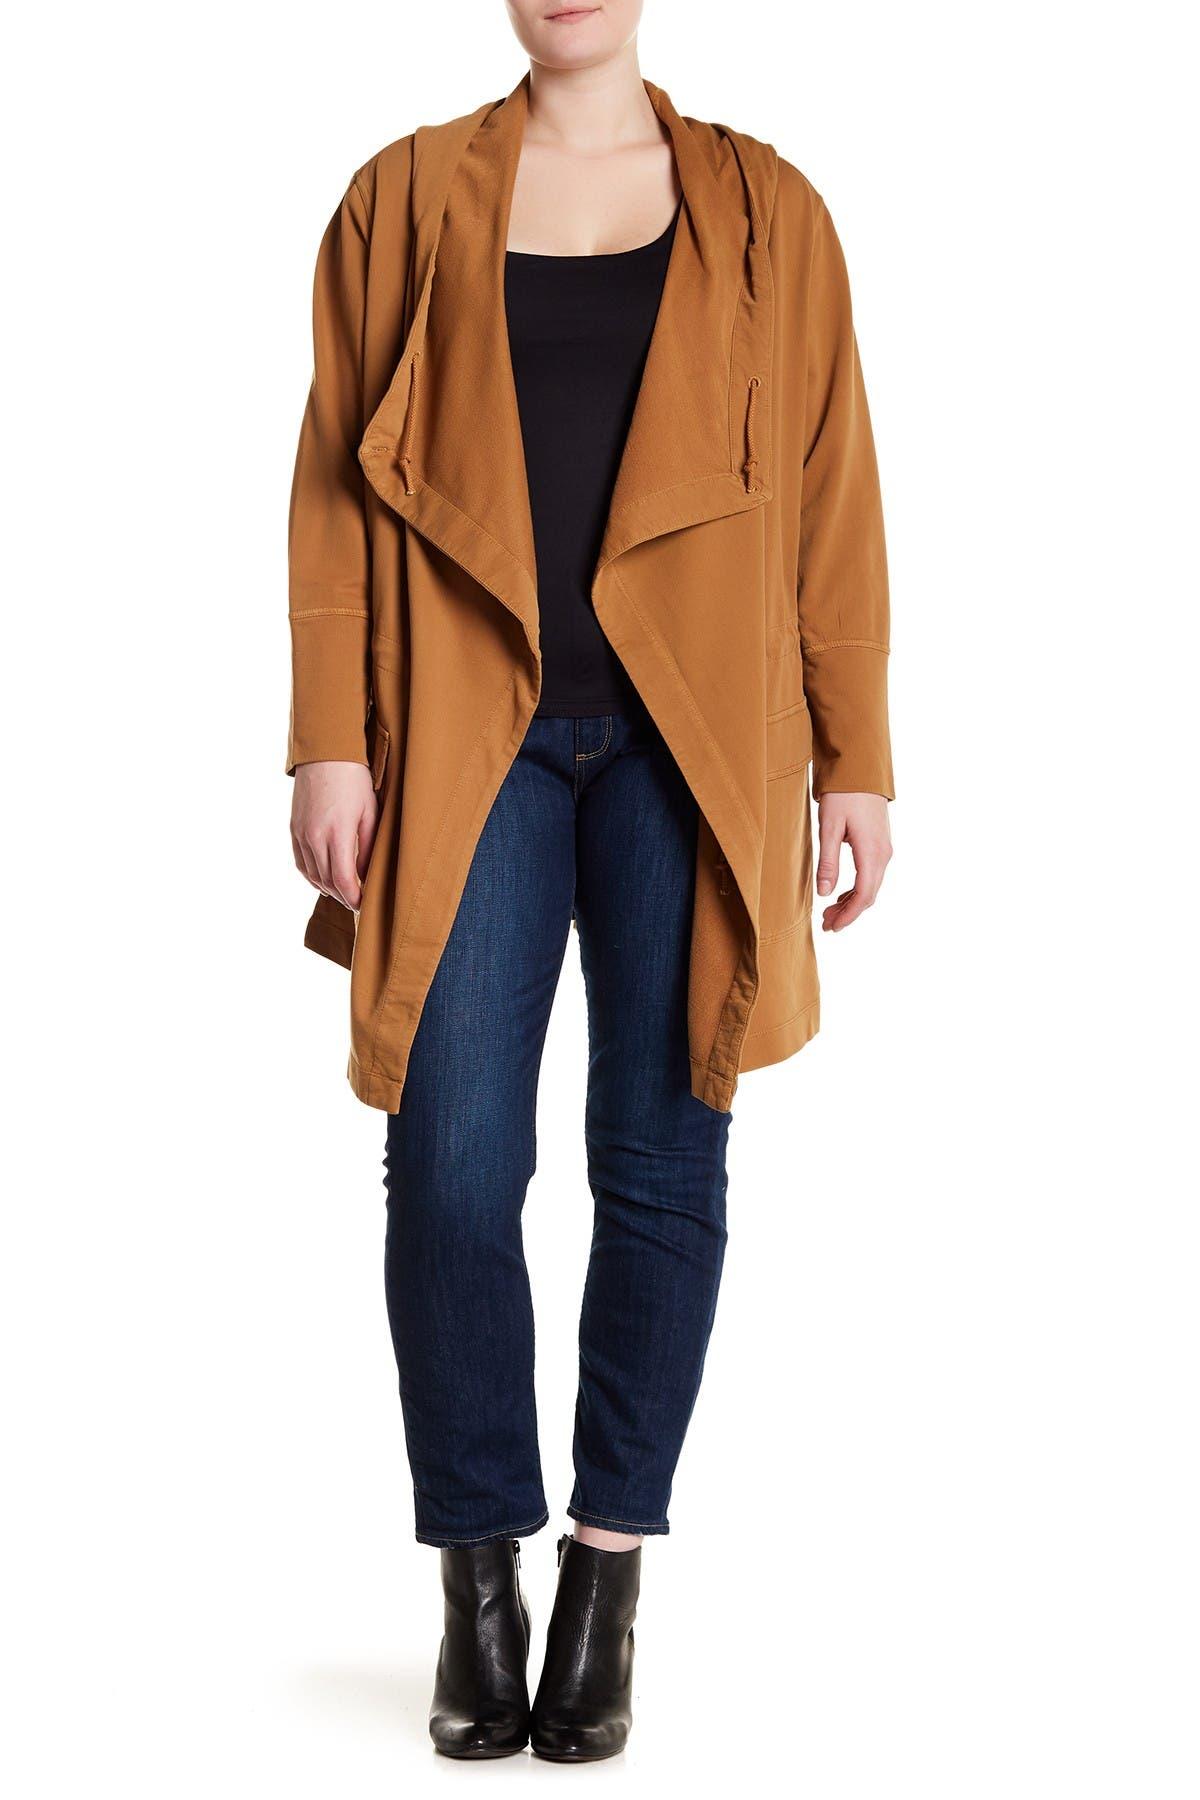 Image of SUSINA Knit Cascade Jacket